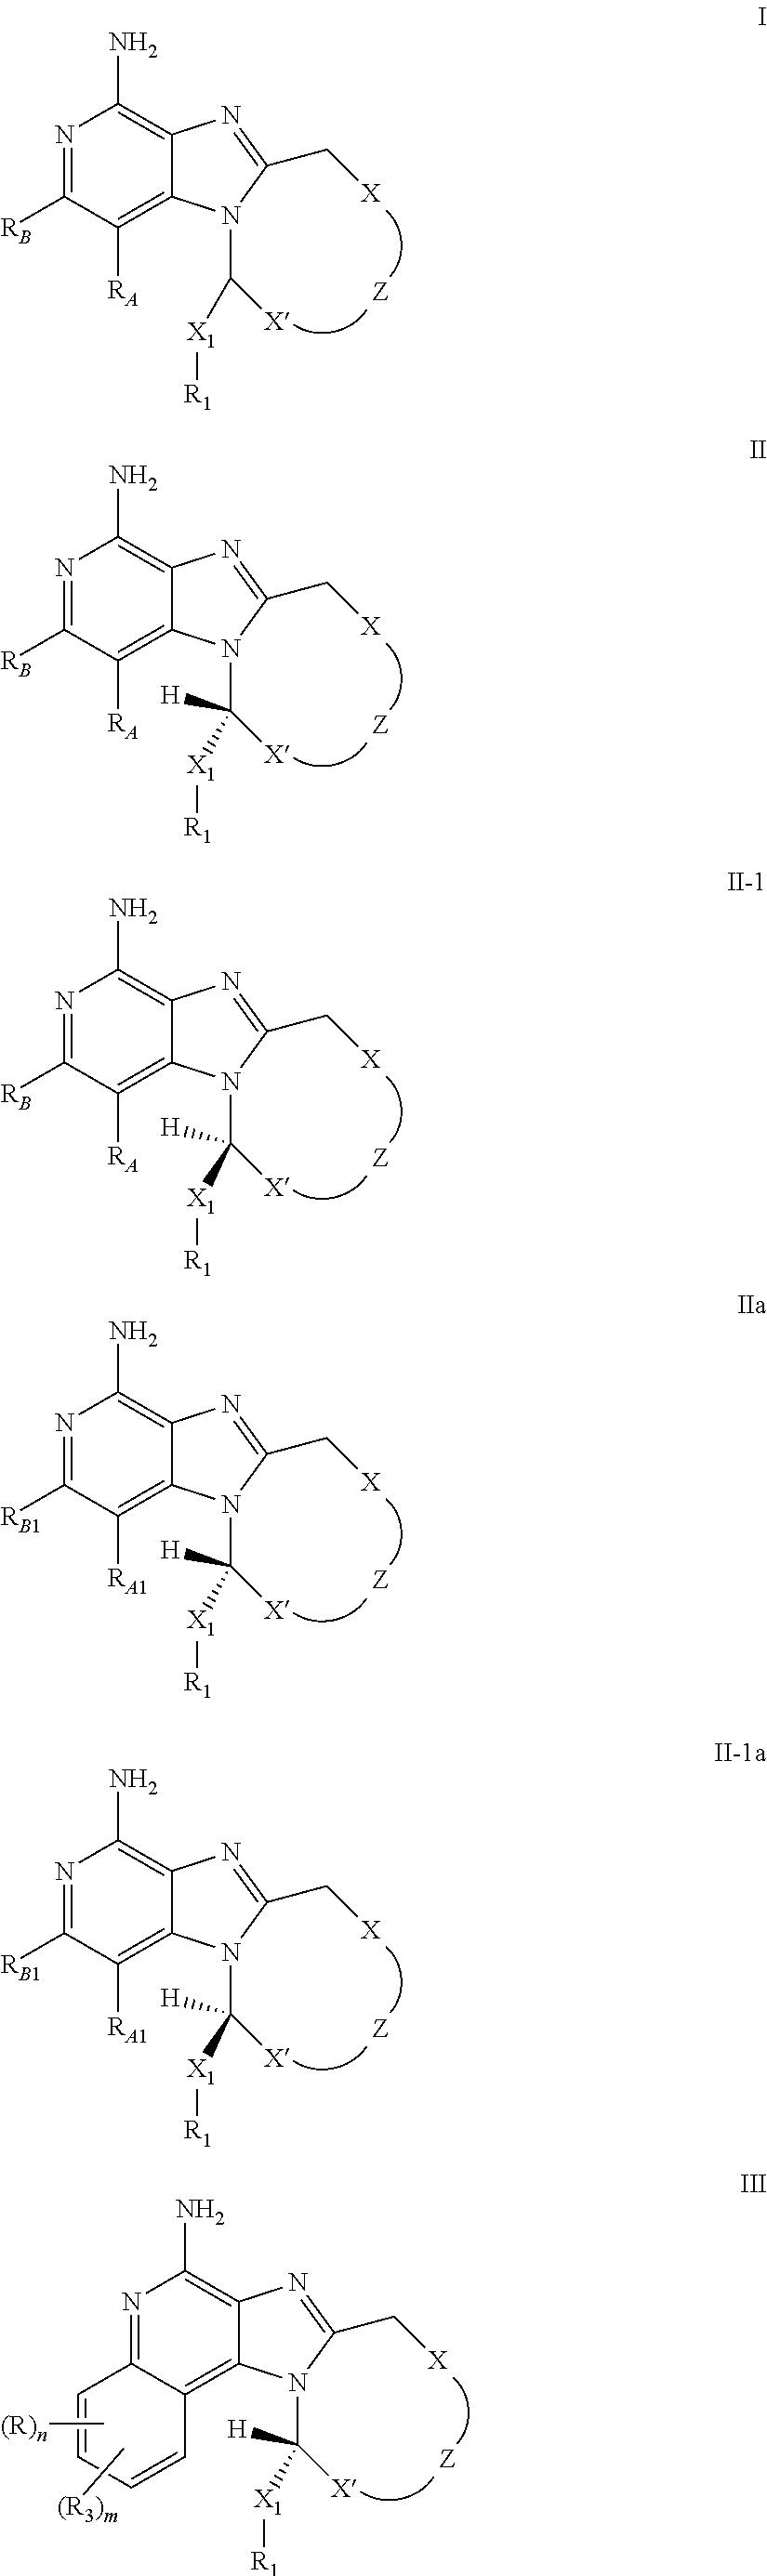 Figure US08546383-20131001-C00003